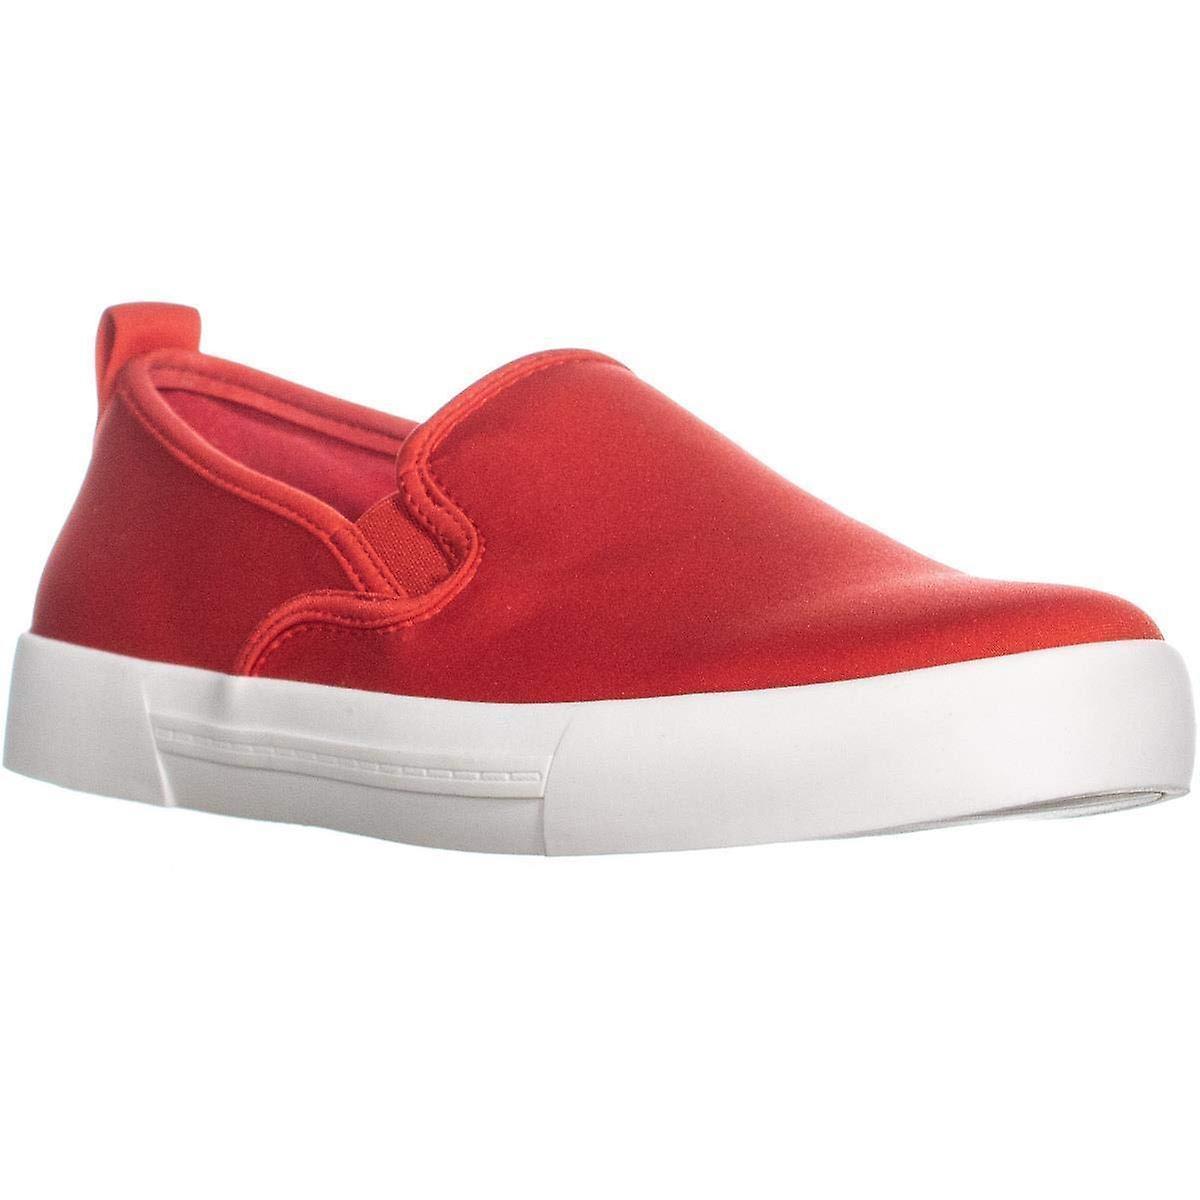 Noem het lente Womens Lovaudien stof lage top slip op mode sneakers bKHTlI